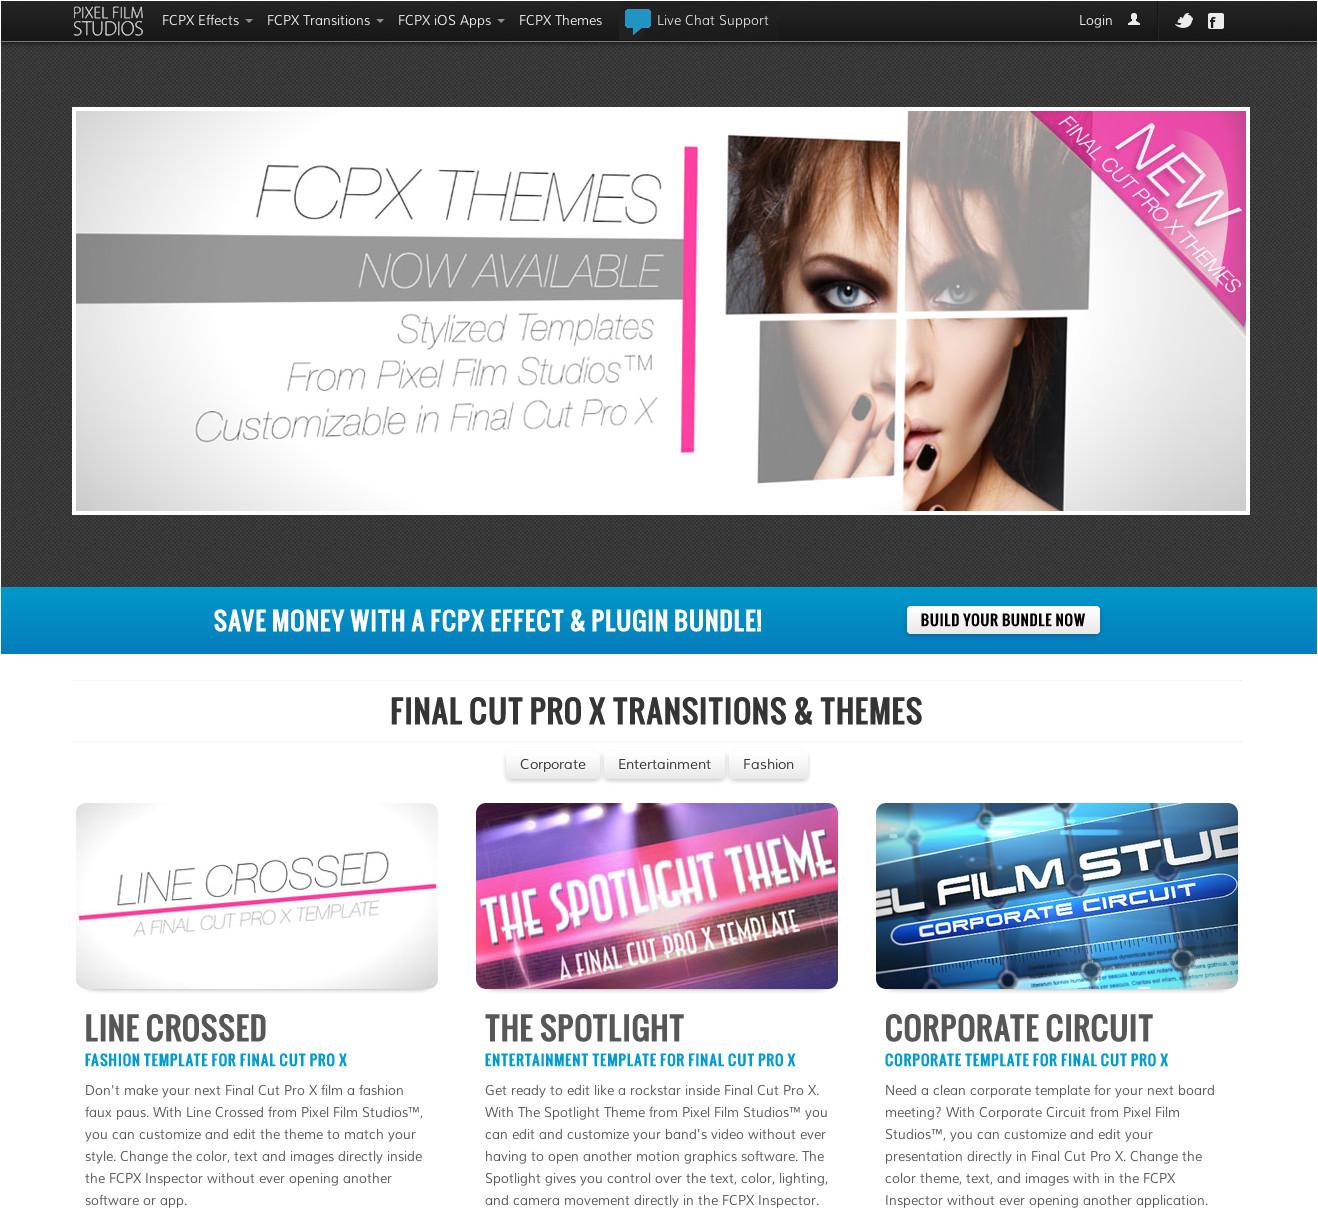 Fcpx Trailer Templates Pixel Film Studios Announces New themes for Final Cut Pro X